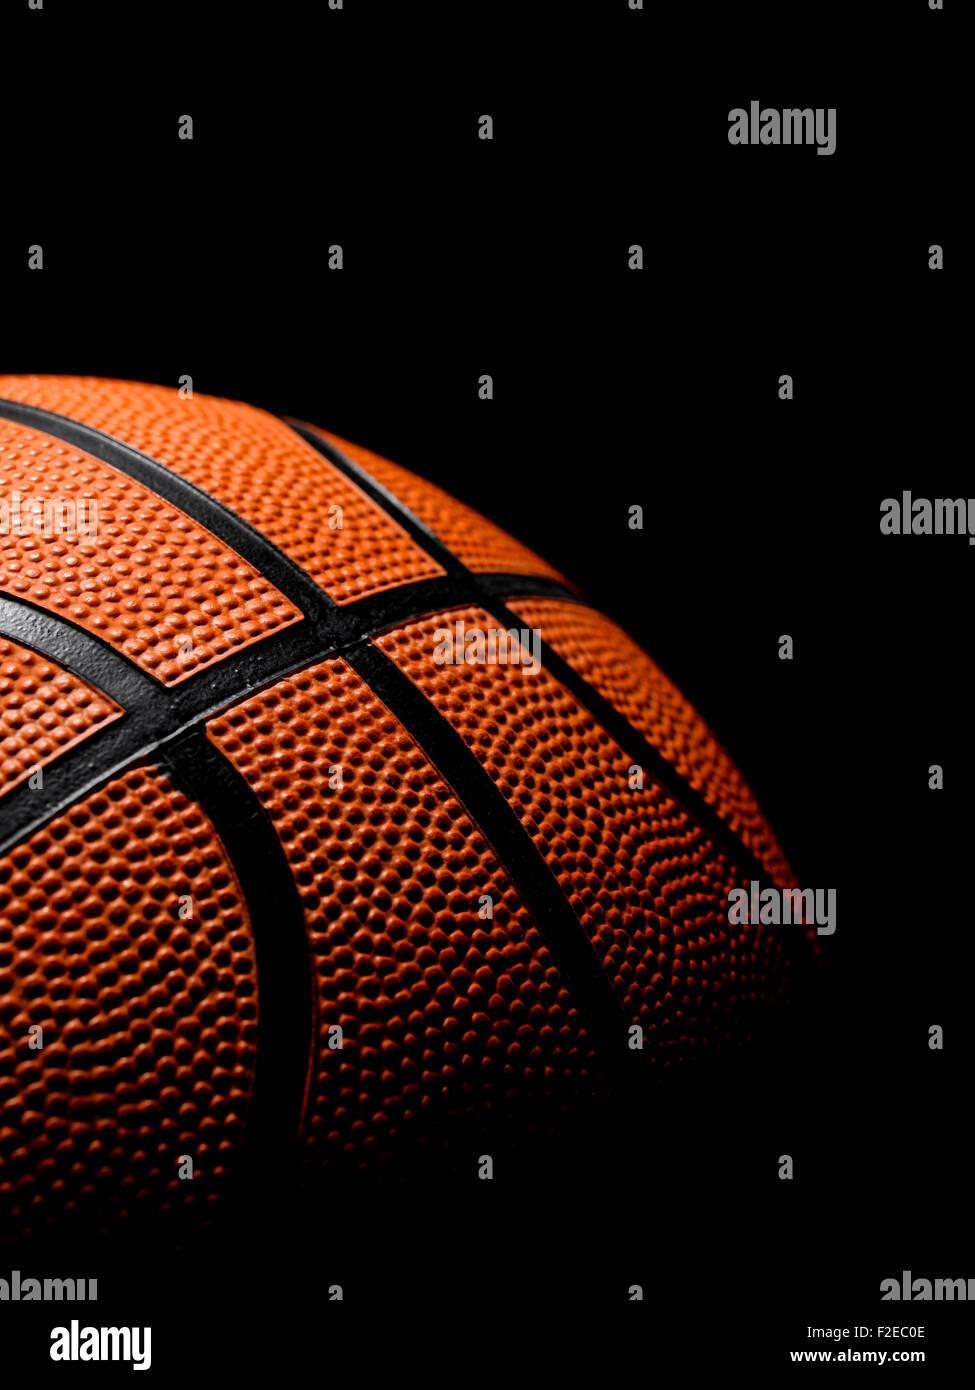 Solo el baloncesto sobre fondo negro Imagen De Stock